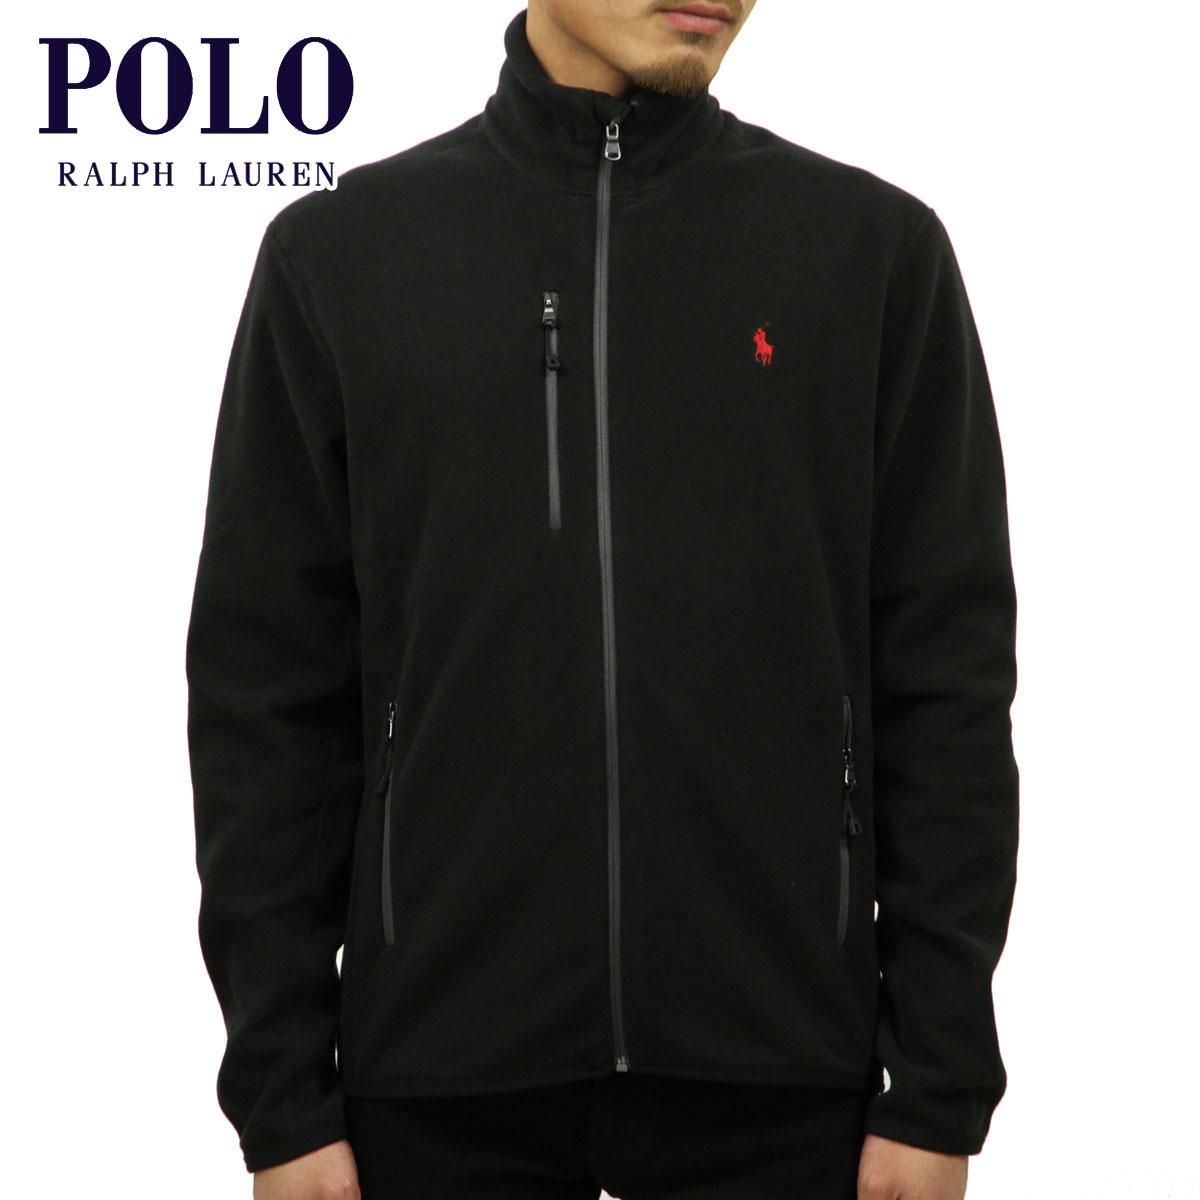 ポロ ラルフローレン POLO RALPH LAUREN 正規品 メンズ アウタージャケット Polyester Fleece Jacket D00S20